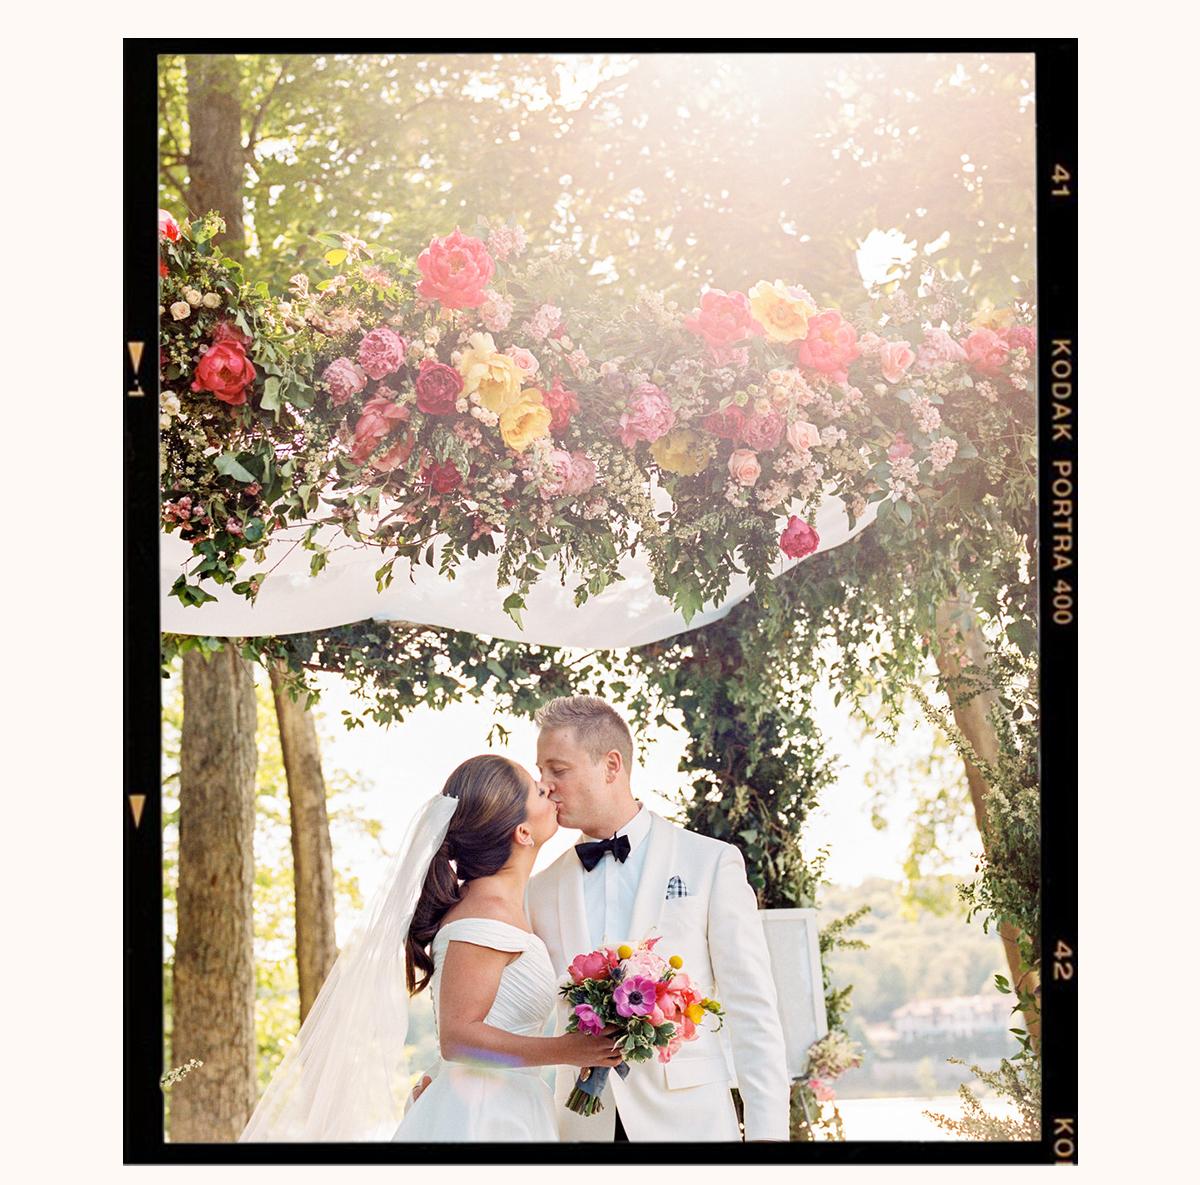 Tuxedo Club Tuxedo Park NY Wedding Photographer 21 - THE TUXEDO CLUB WEDDING - TUXEDO PARK, NY